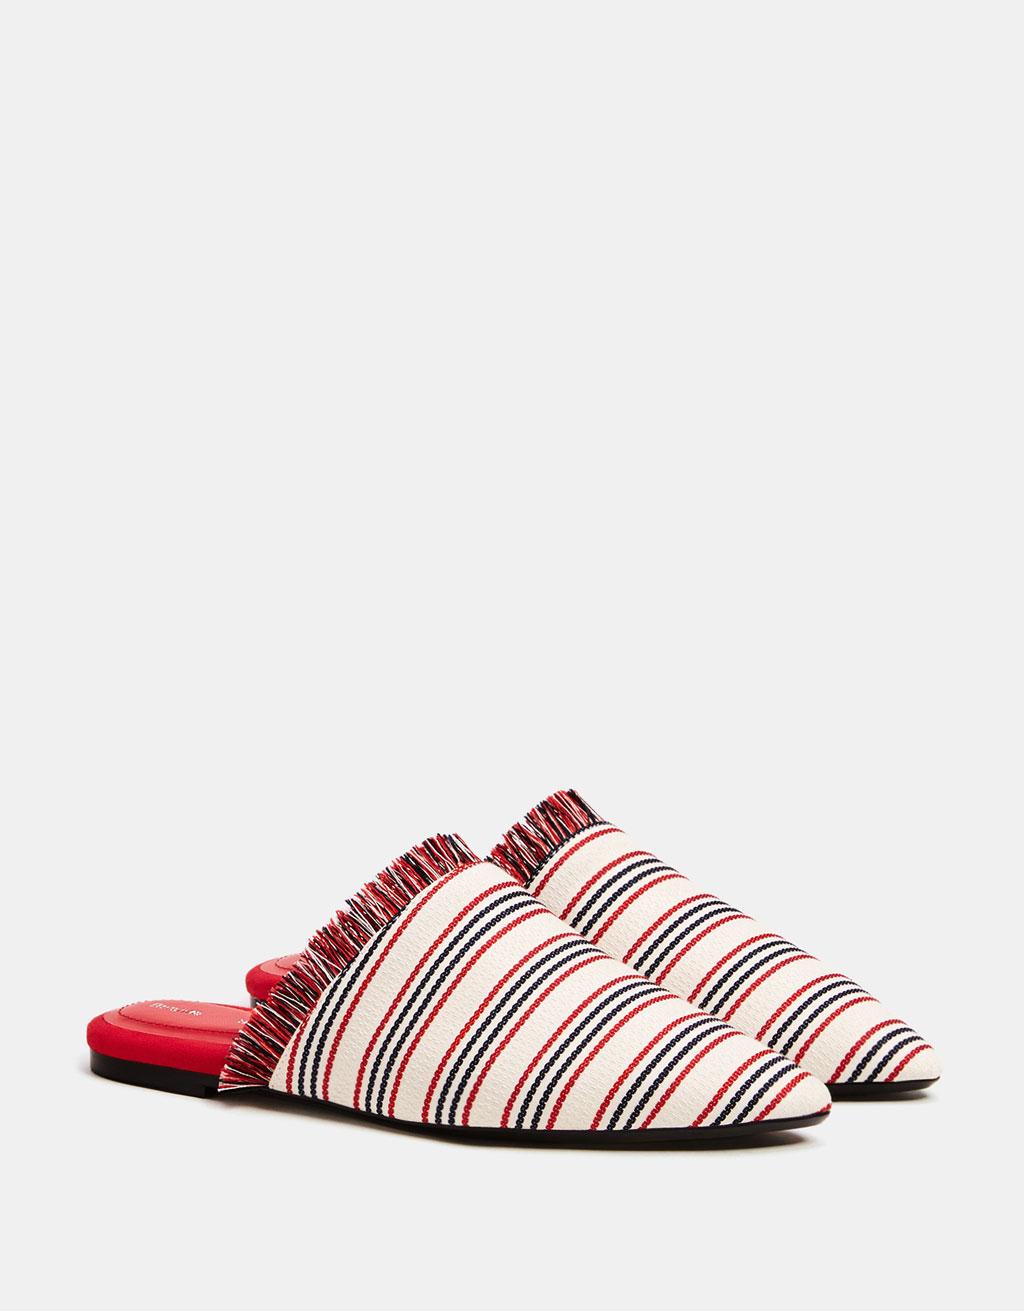 Pantofi cu talpă joasă fără călcâi textil